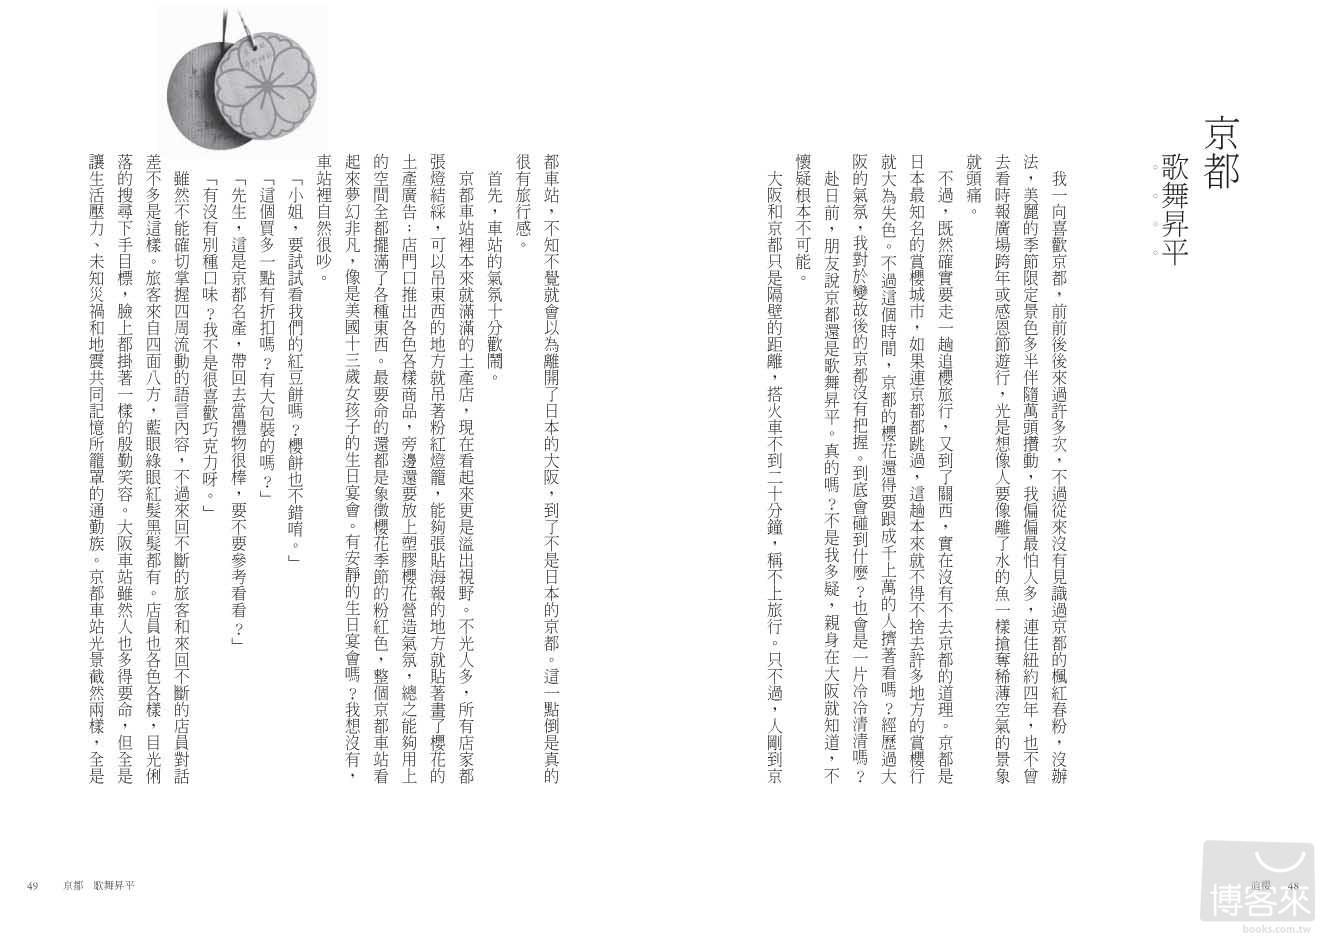 http://im2.book.com.tw/image/getImage?i=http://www.books.com.tw/img/001/057/41/0010574117_b_11.jpg&v=510a4851&w=655&h=609